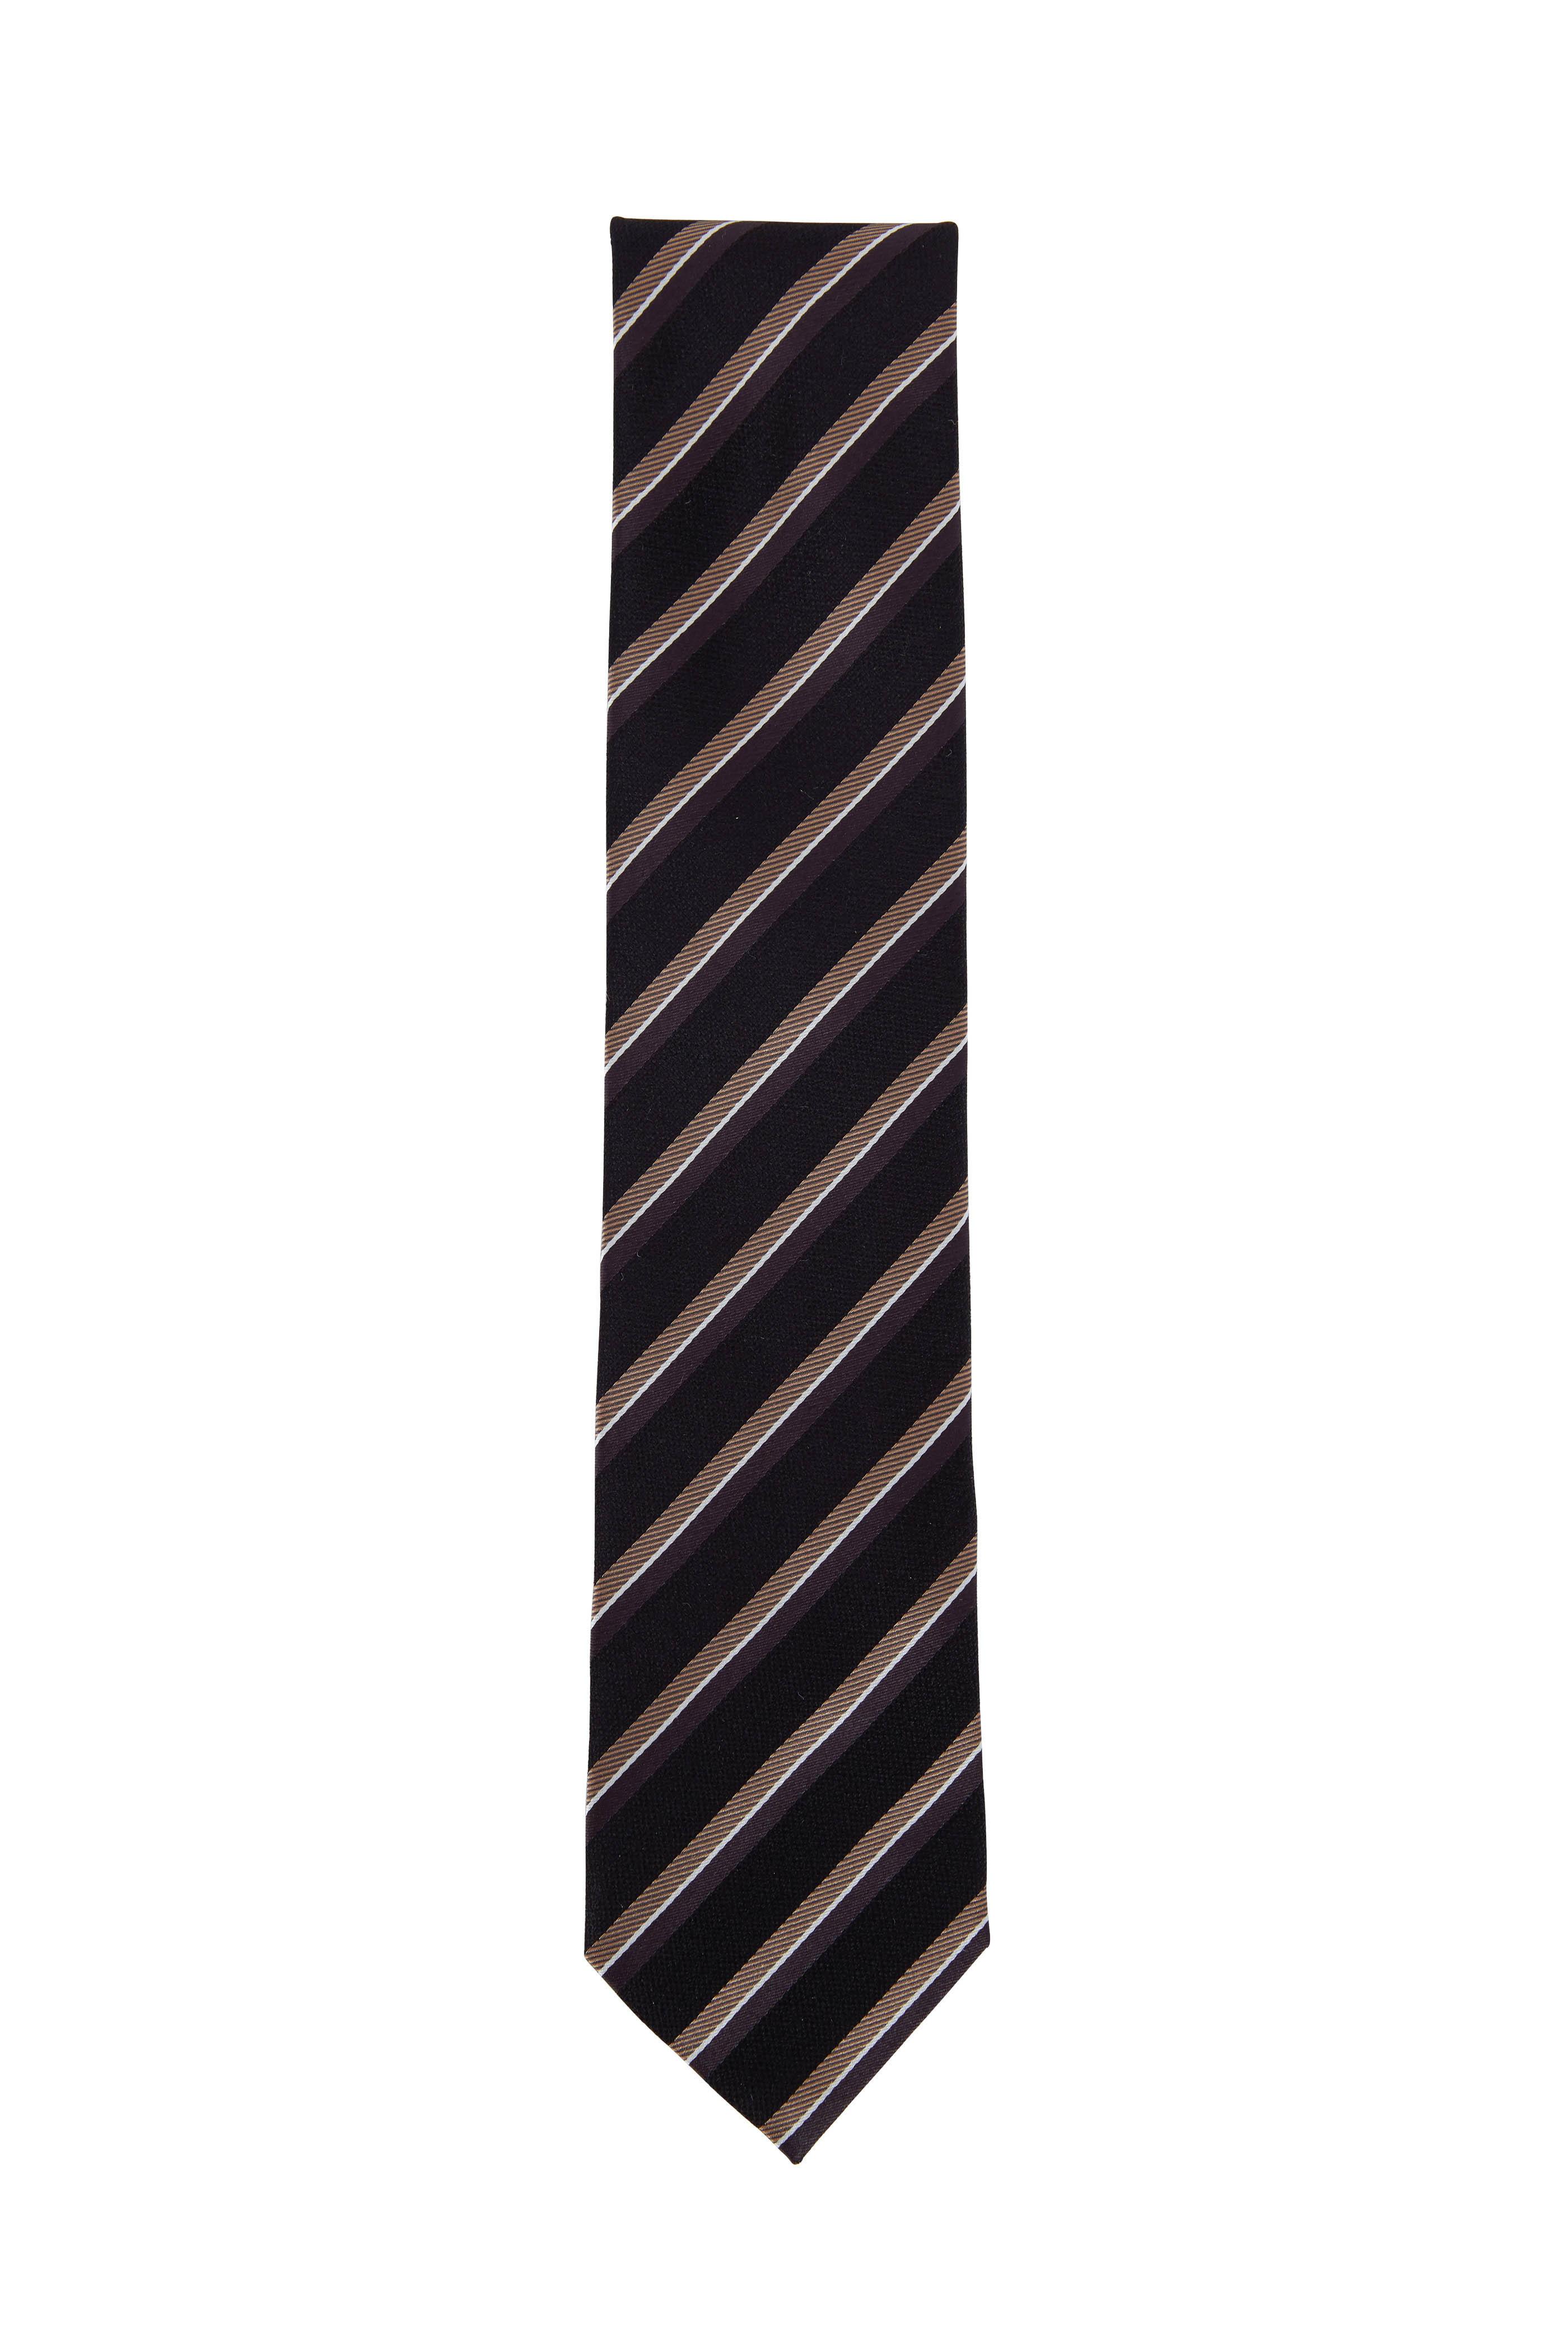 52a8d20f83 Ermenegildo Zegna - Black Striped Silk Necktie | Mitchell Stores